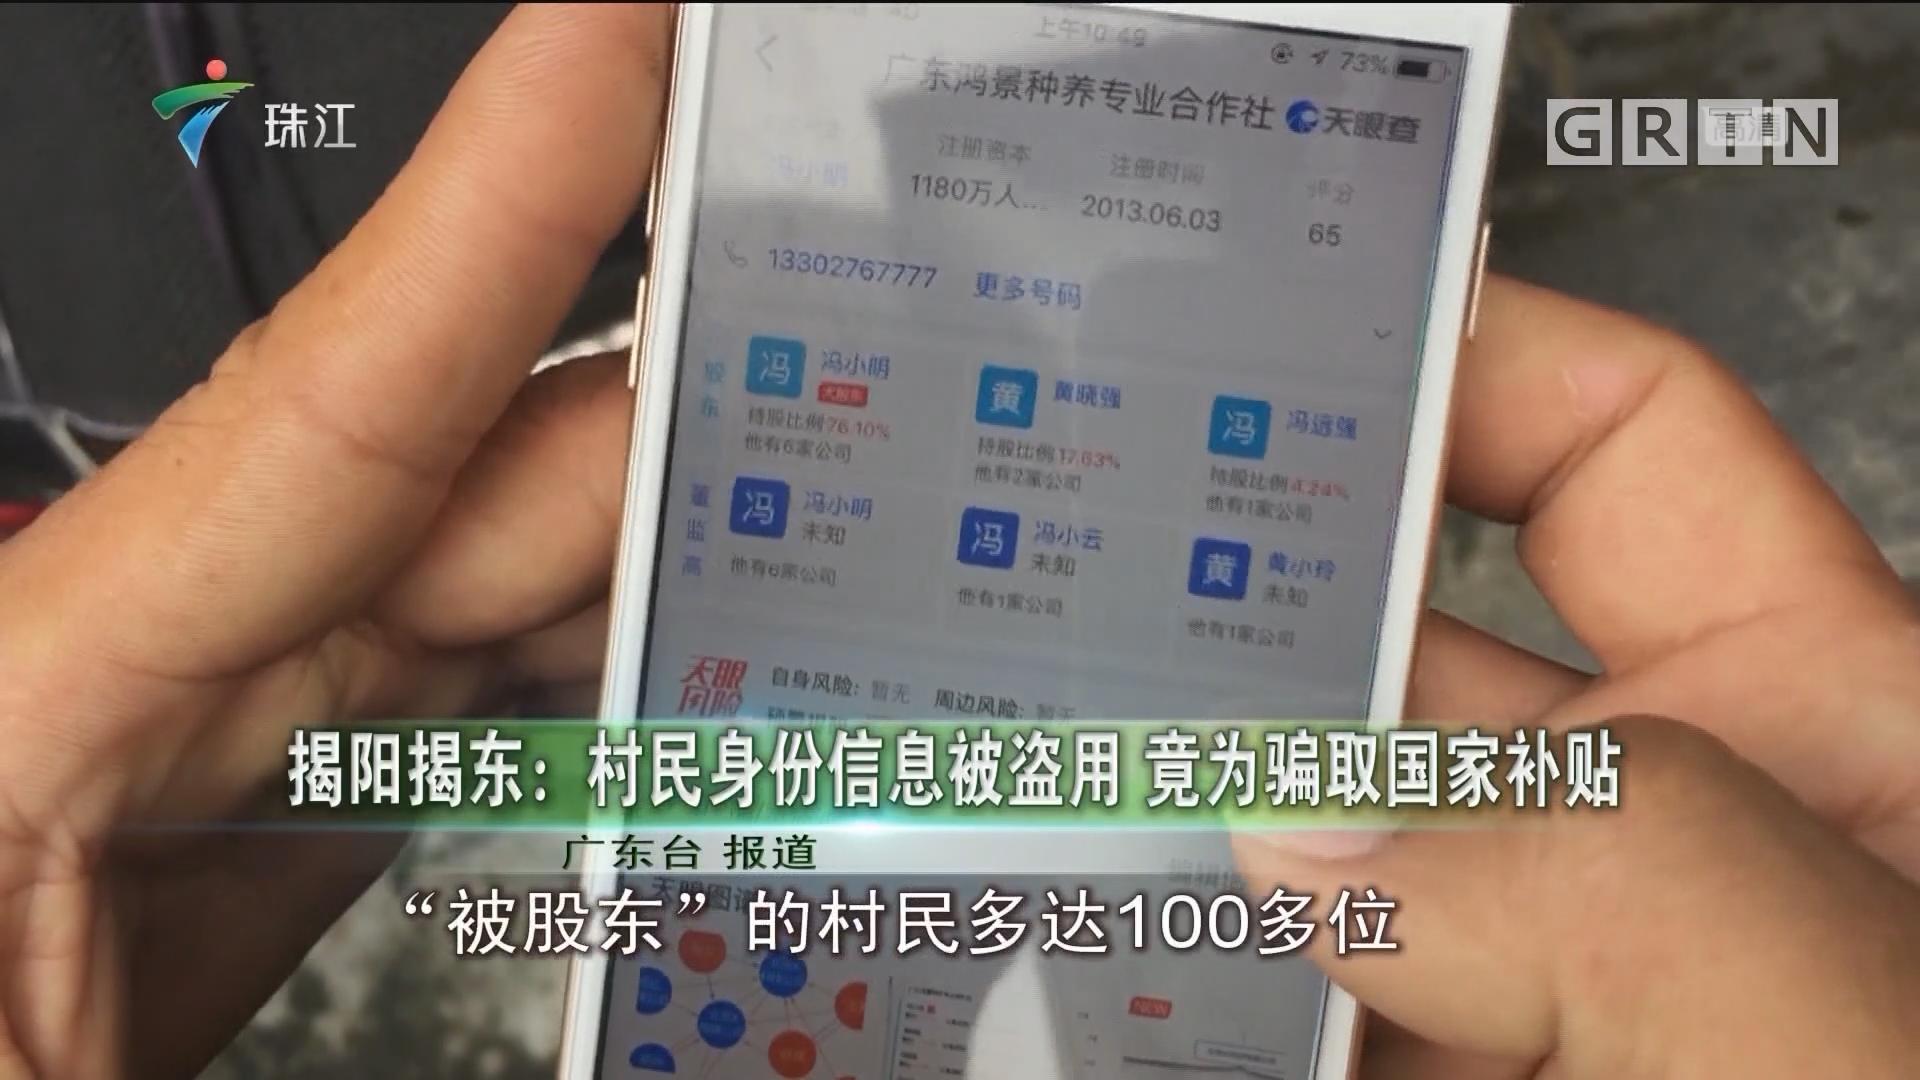 揭阳揭东:村民身份信息被盗用 竟为骗取国家补贴